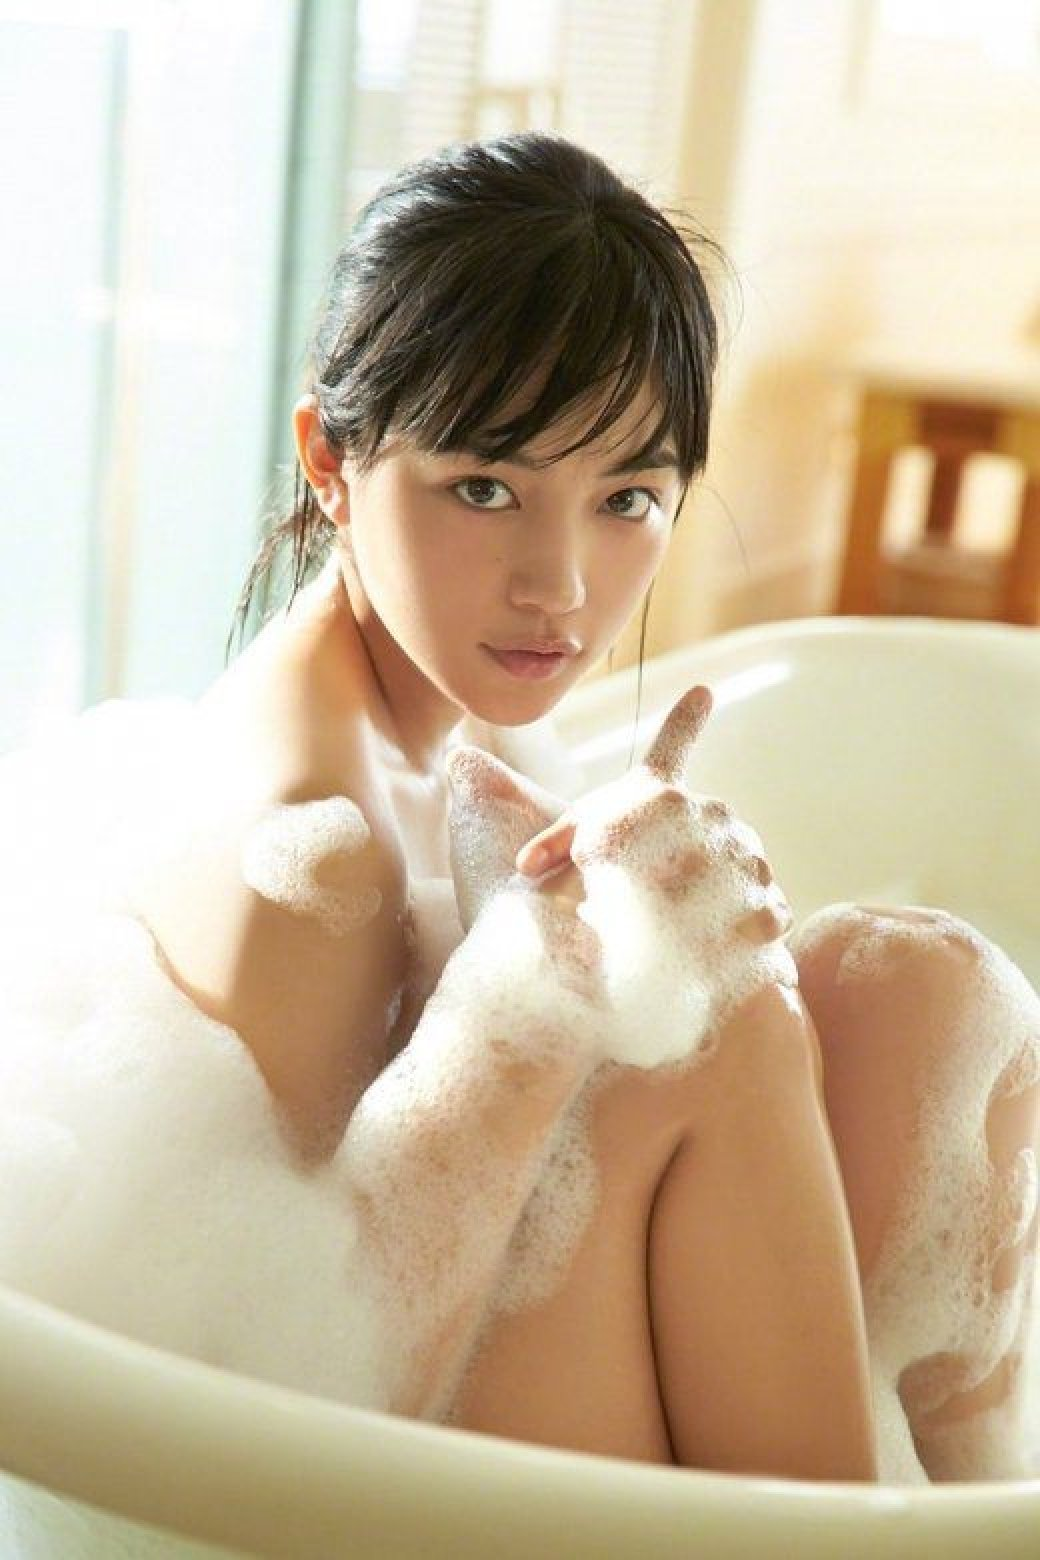 美人芸能人の入浴シーン (11)